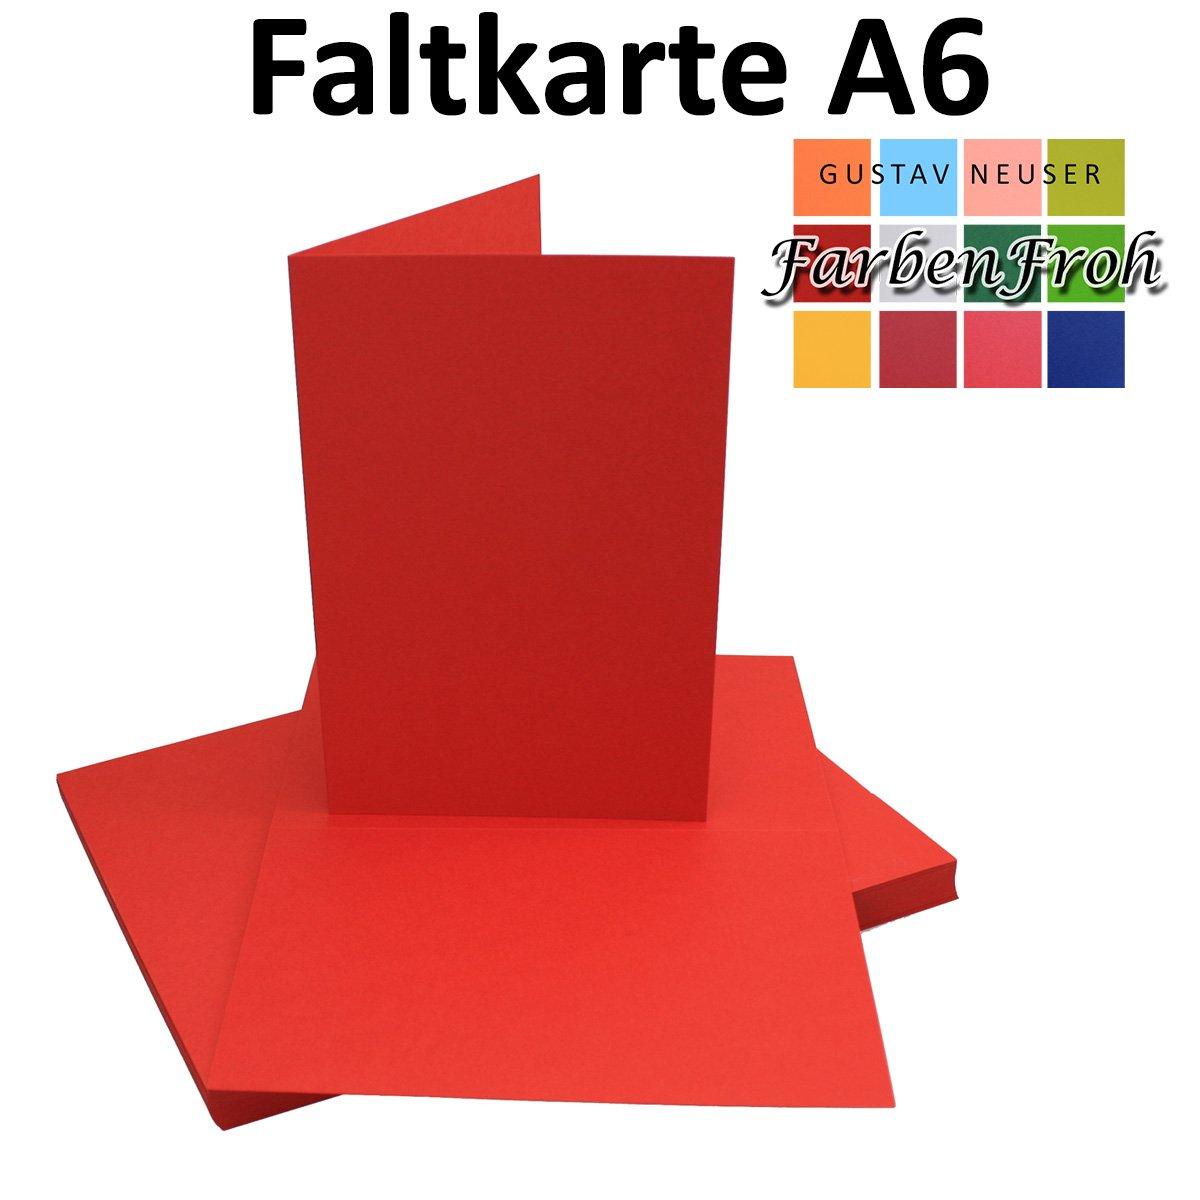 250x Falt-Karten DIN A6 A6 A6 Blanko Doppel-Karten in Hochweiß Kristallweiß -10,5 x 14,8 cm   Premium Qualität   FarbenFroh® B078W4MKX7 | Discount  c7e8dc